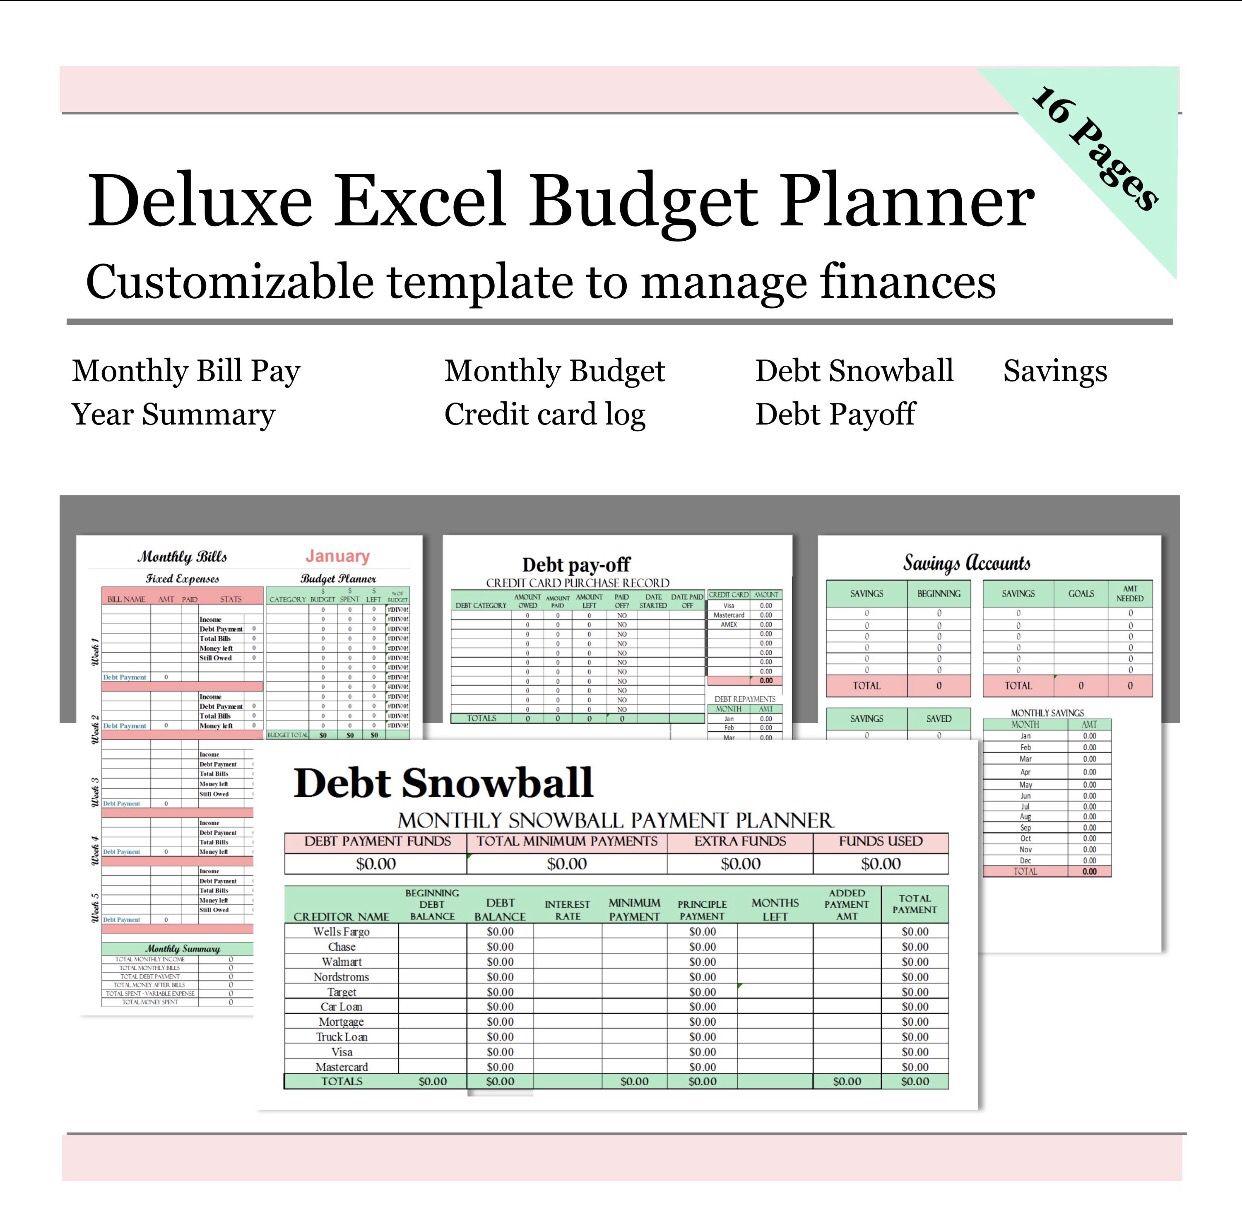 Finance Budget Planner